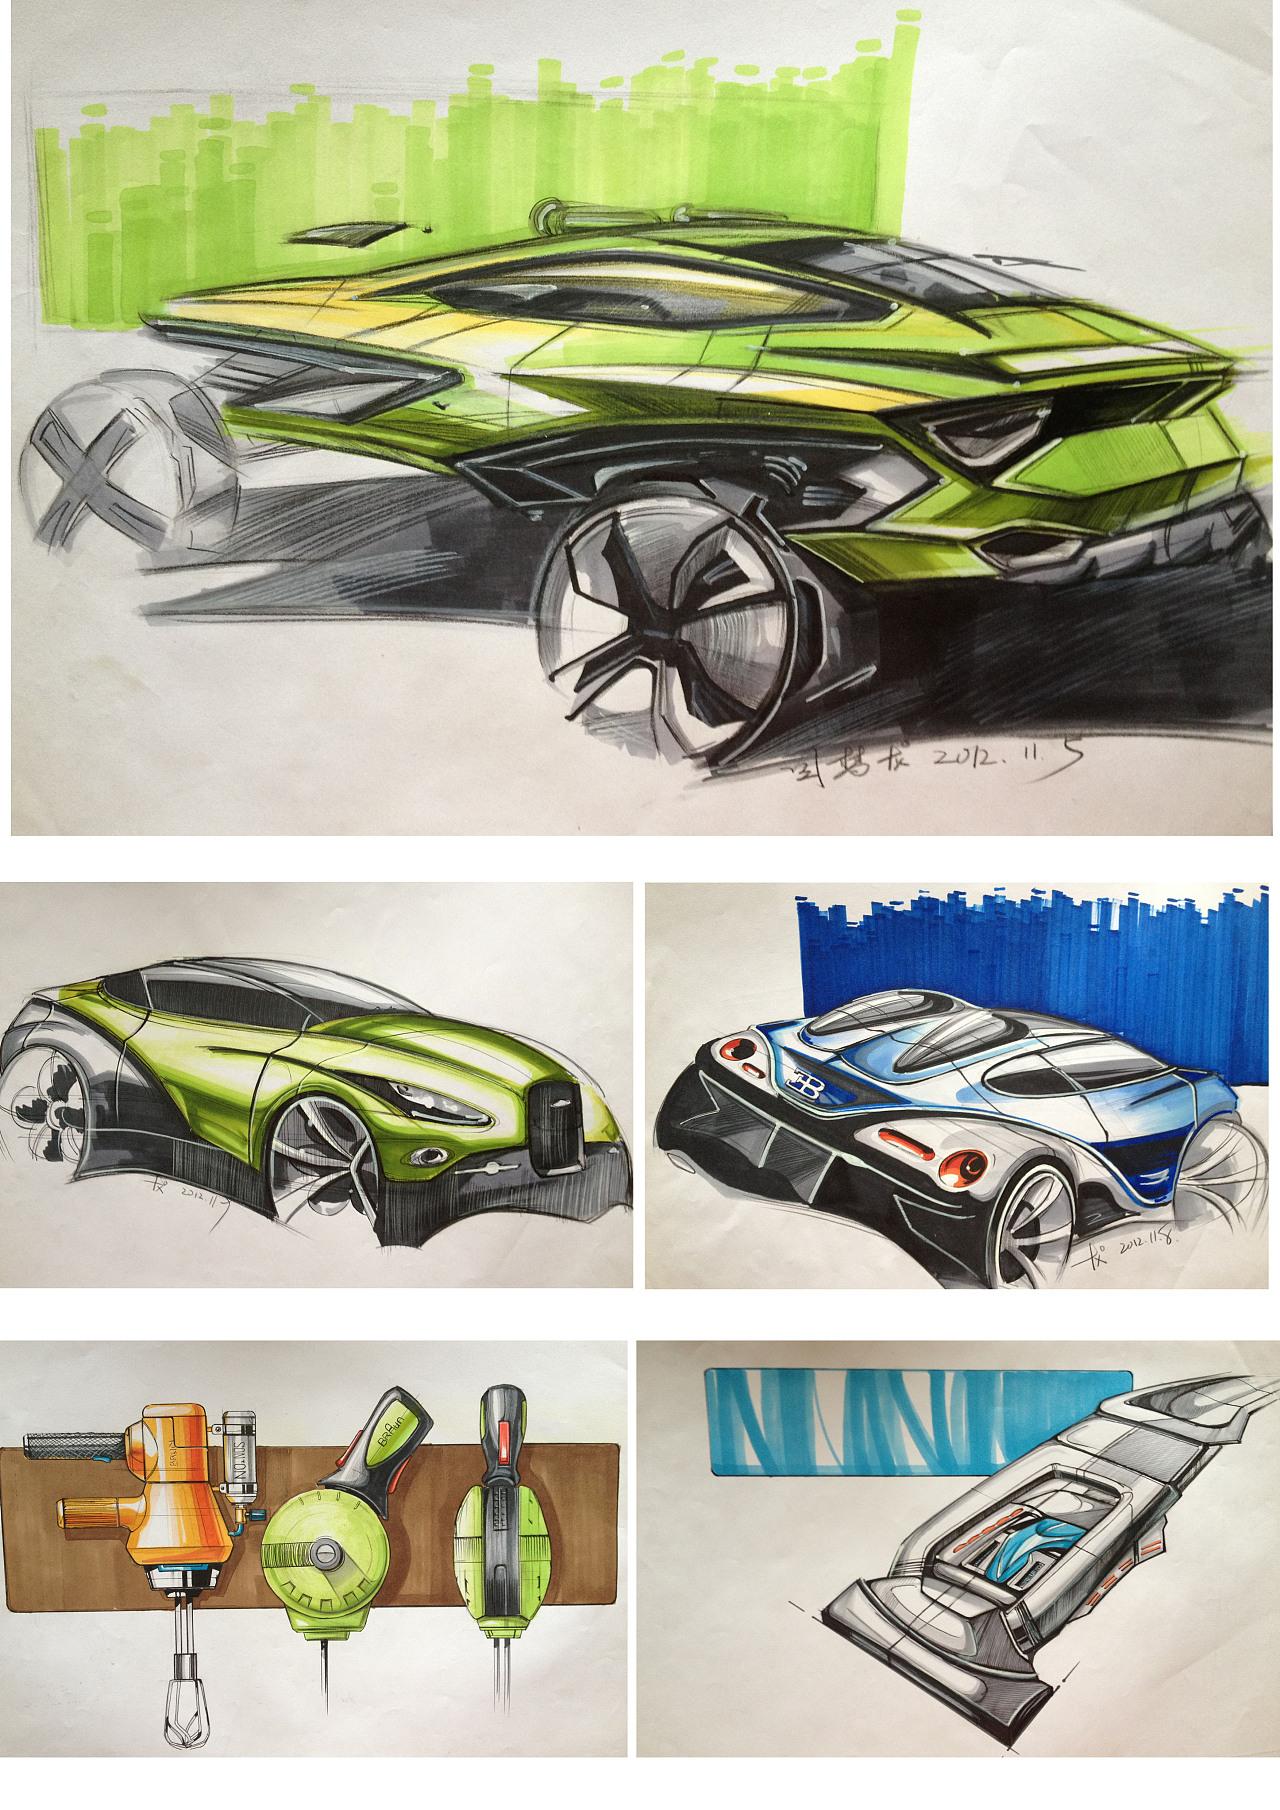 马克笔手绘|工业/产品|交通工具|梦龙fighting8